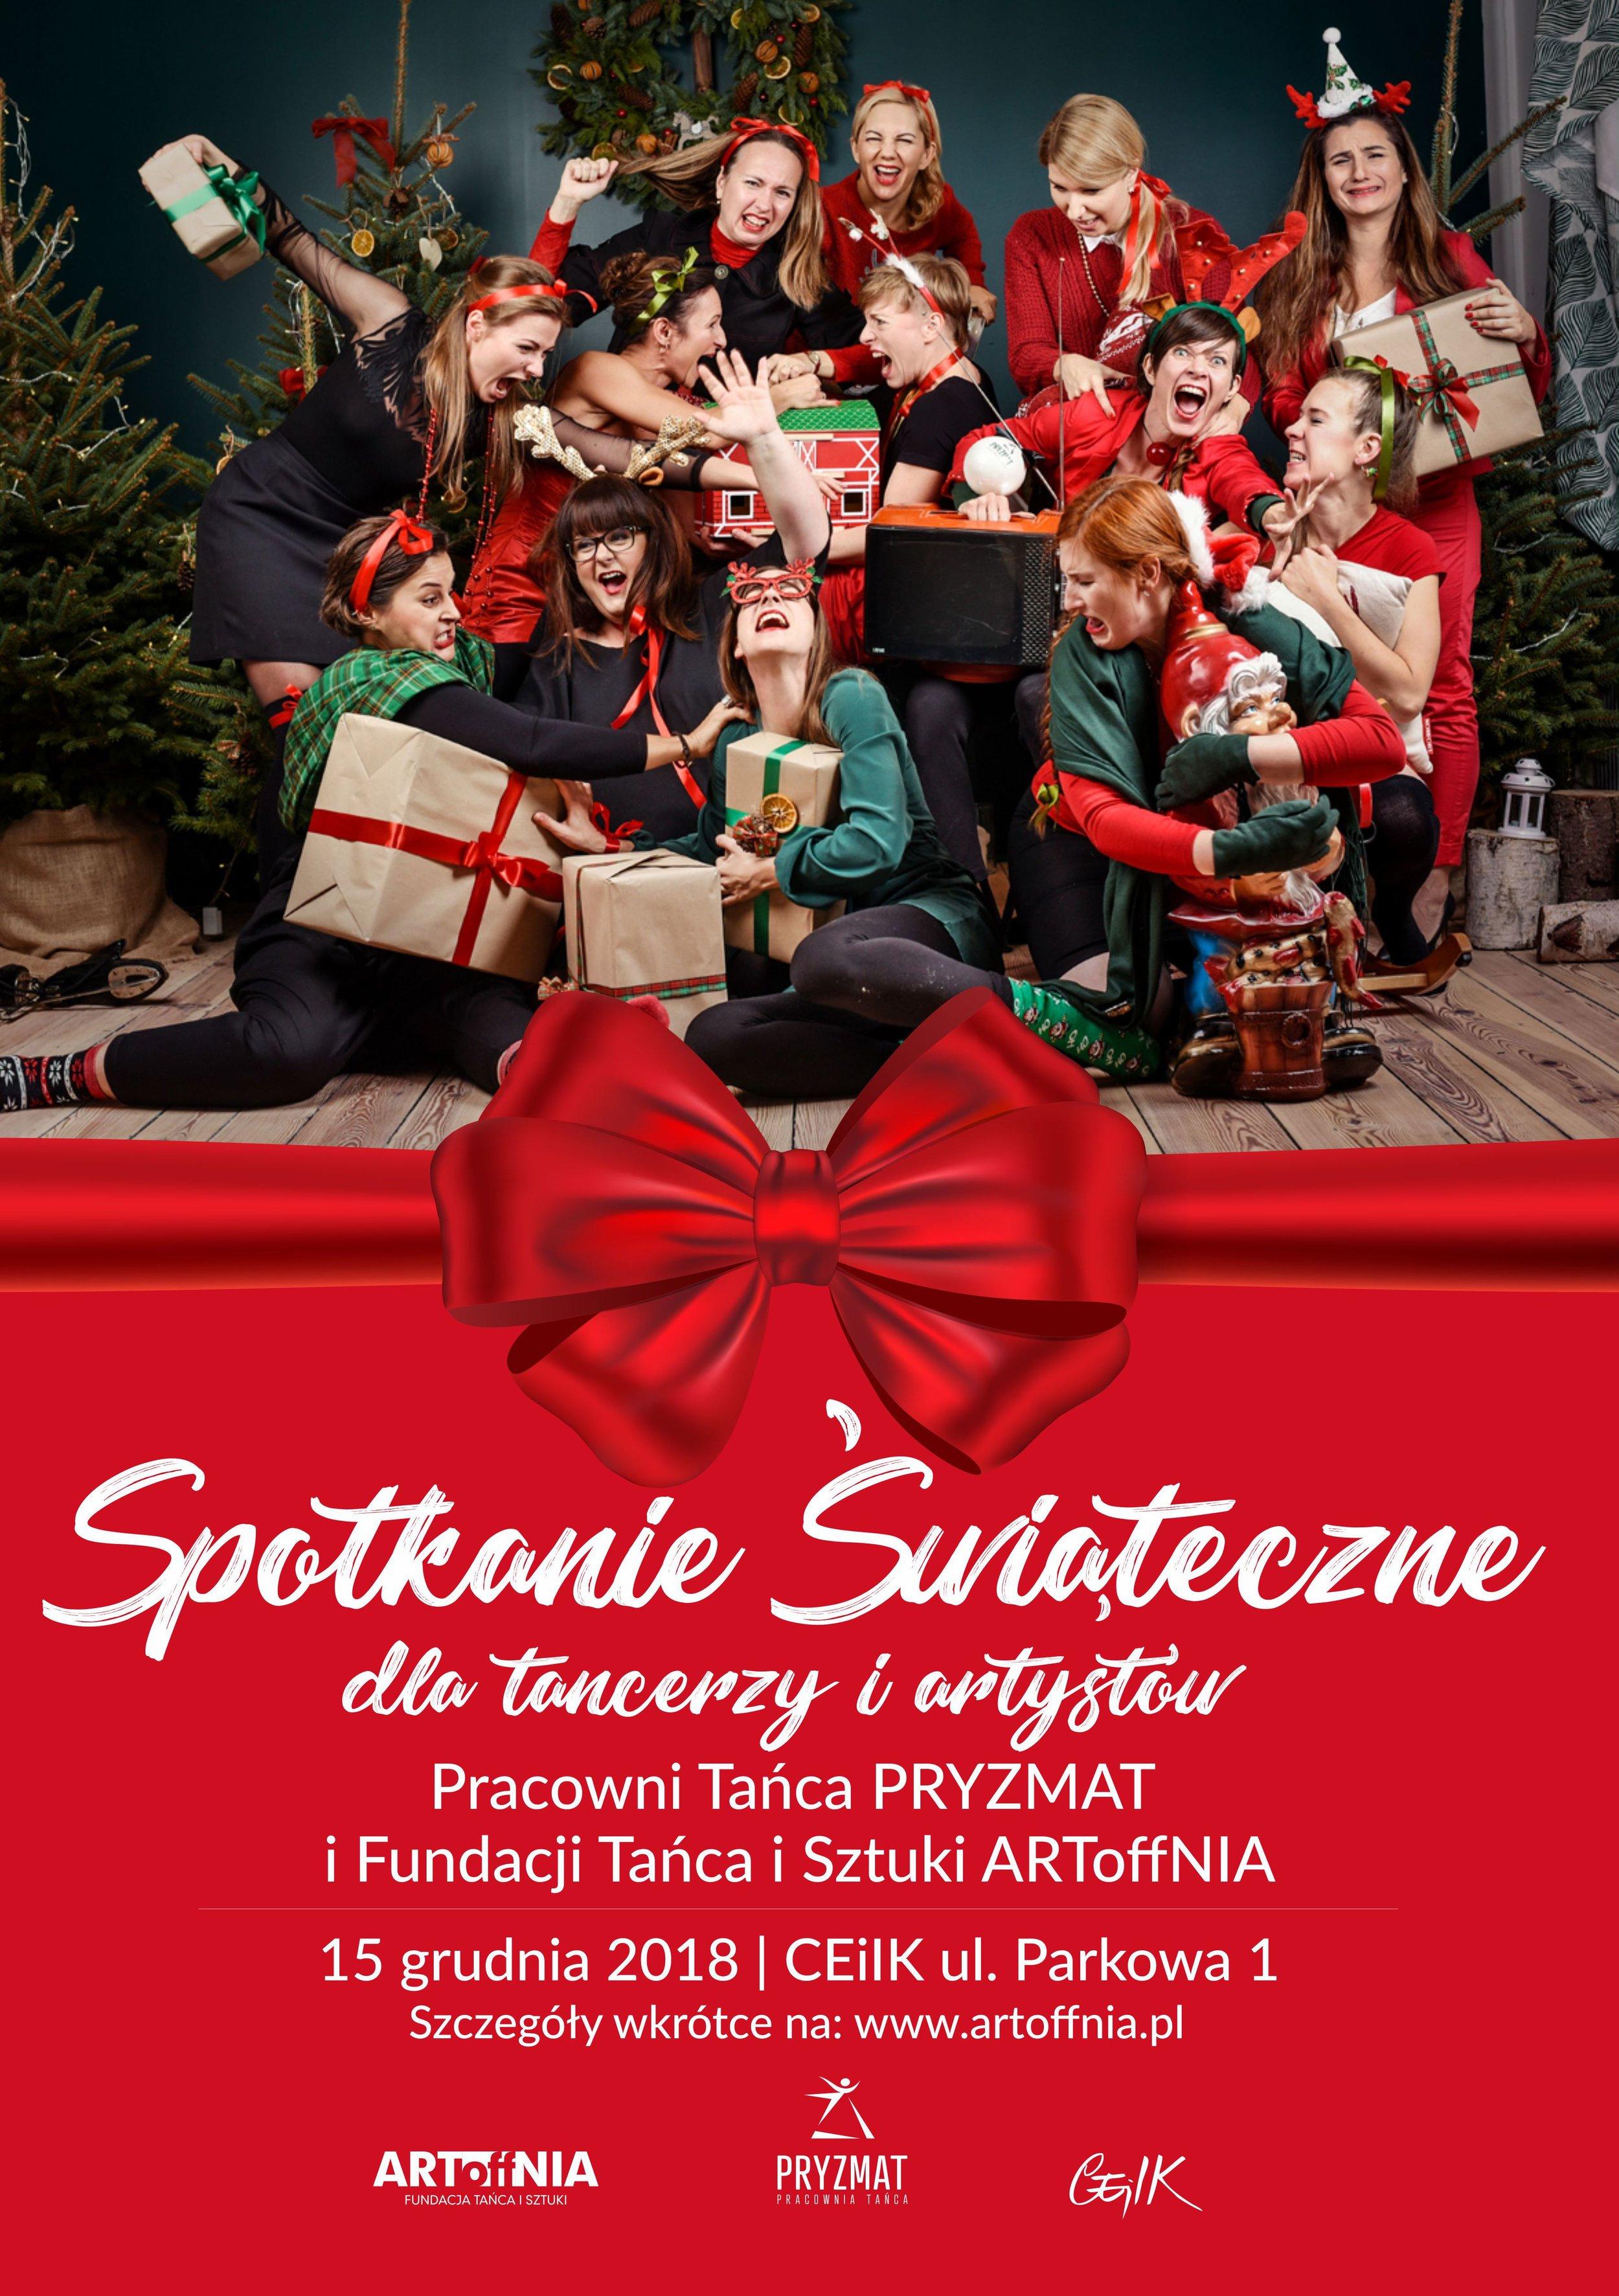 spotkanie świąteczne 2018 plakat A3.jpg